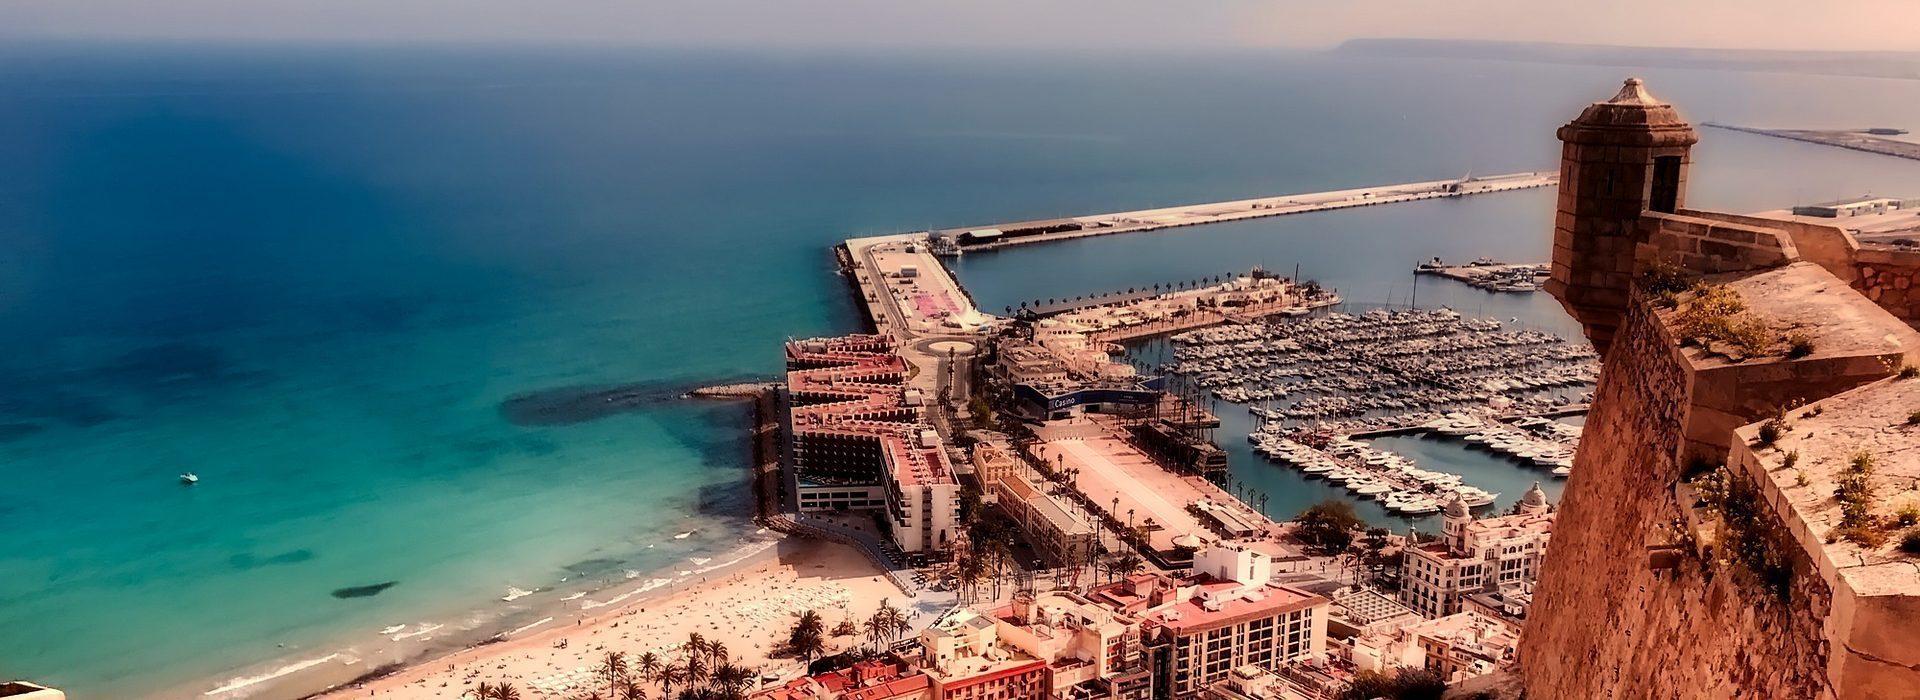 Descubre el Alicante del siglo XIX desde la mirada de Didier Petit de Meurville